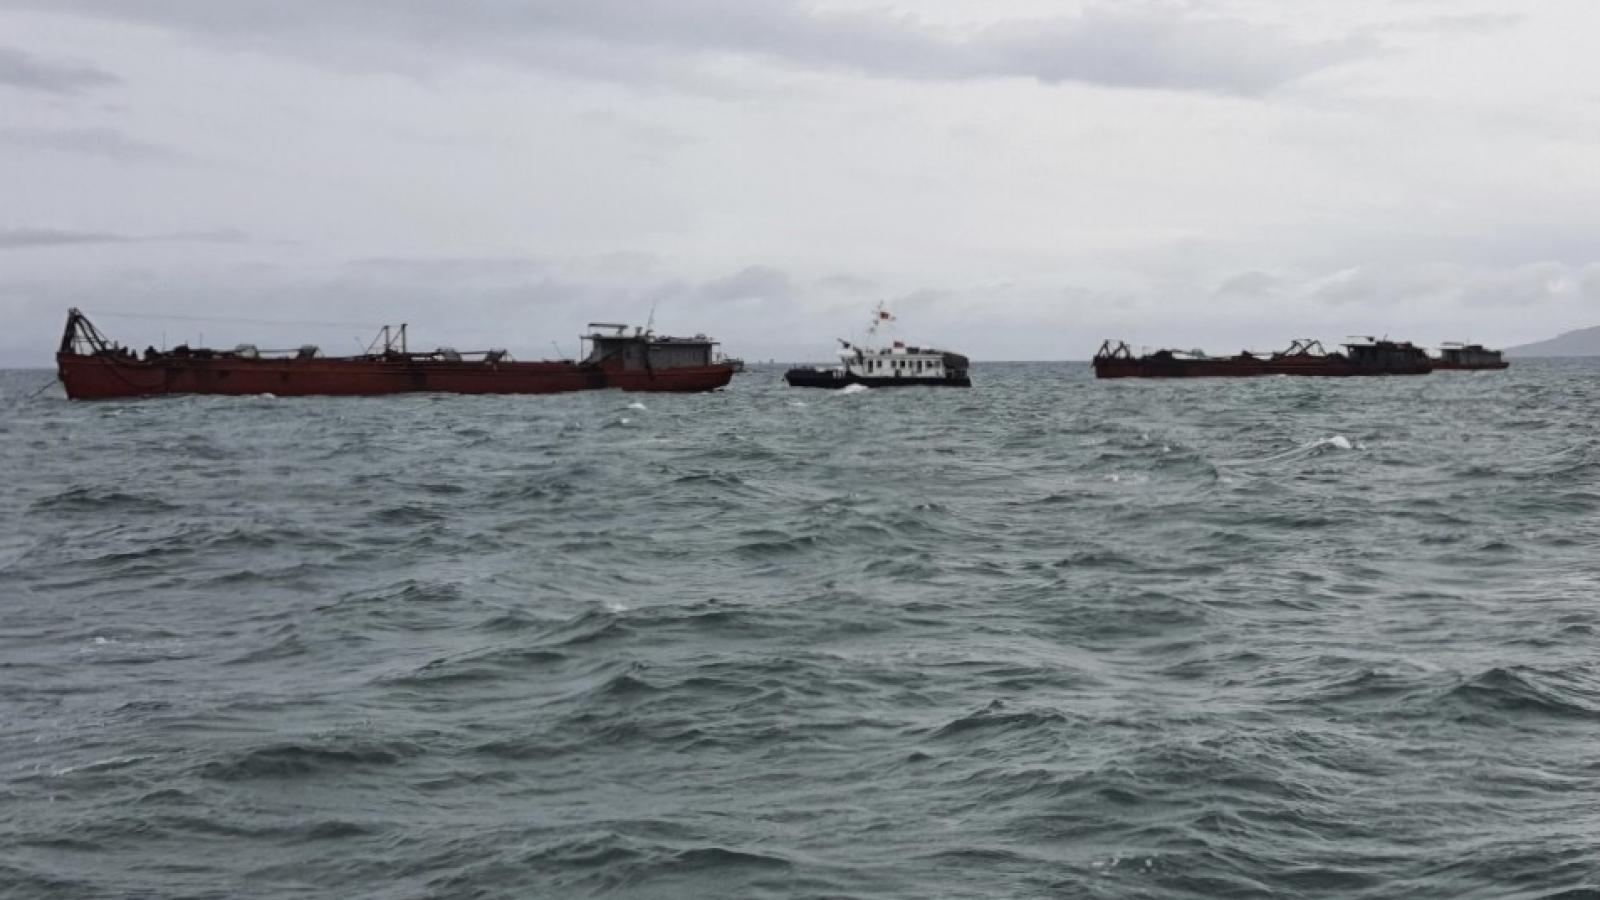 9 người nhập cảnh trái phép từ vùng biển Campuchia vào Việt Nam bằng xà lan